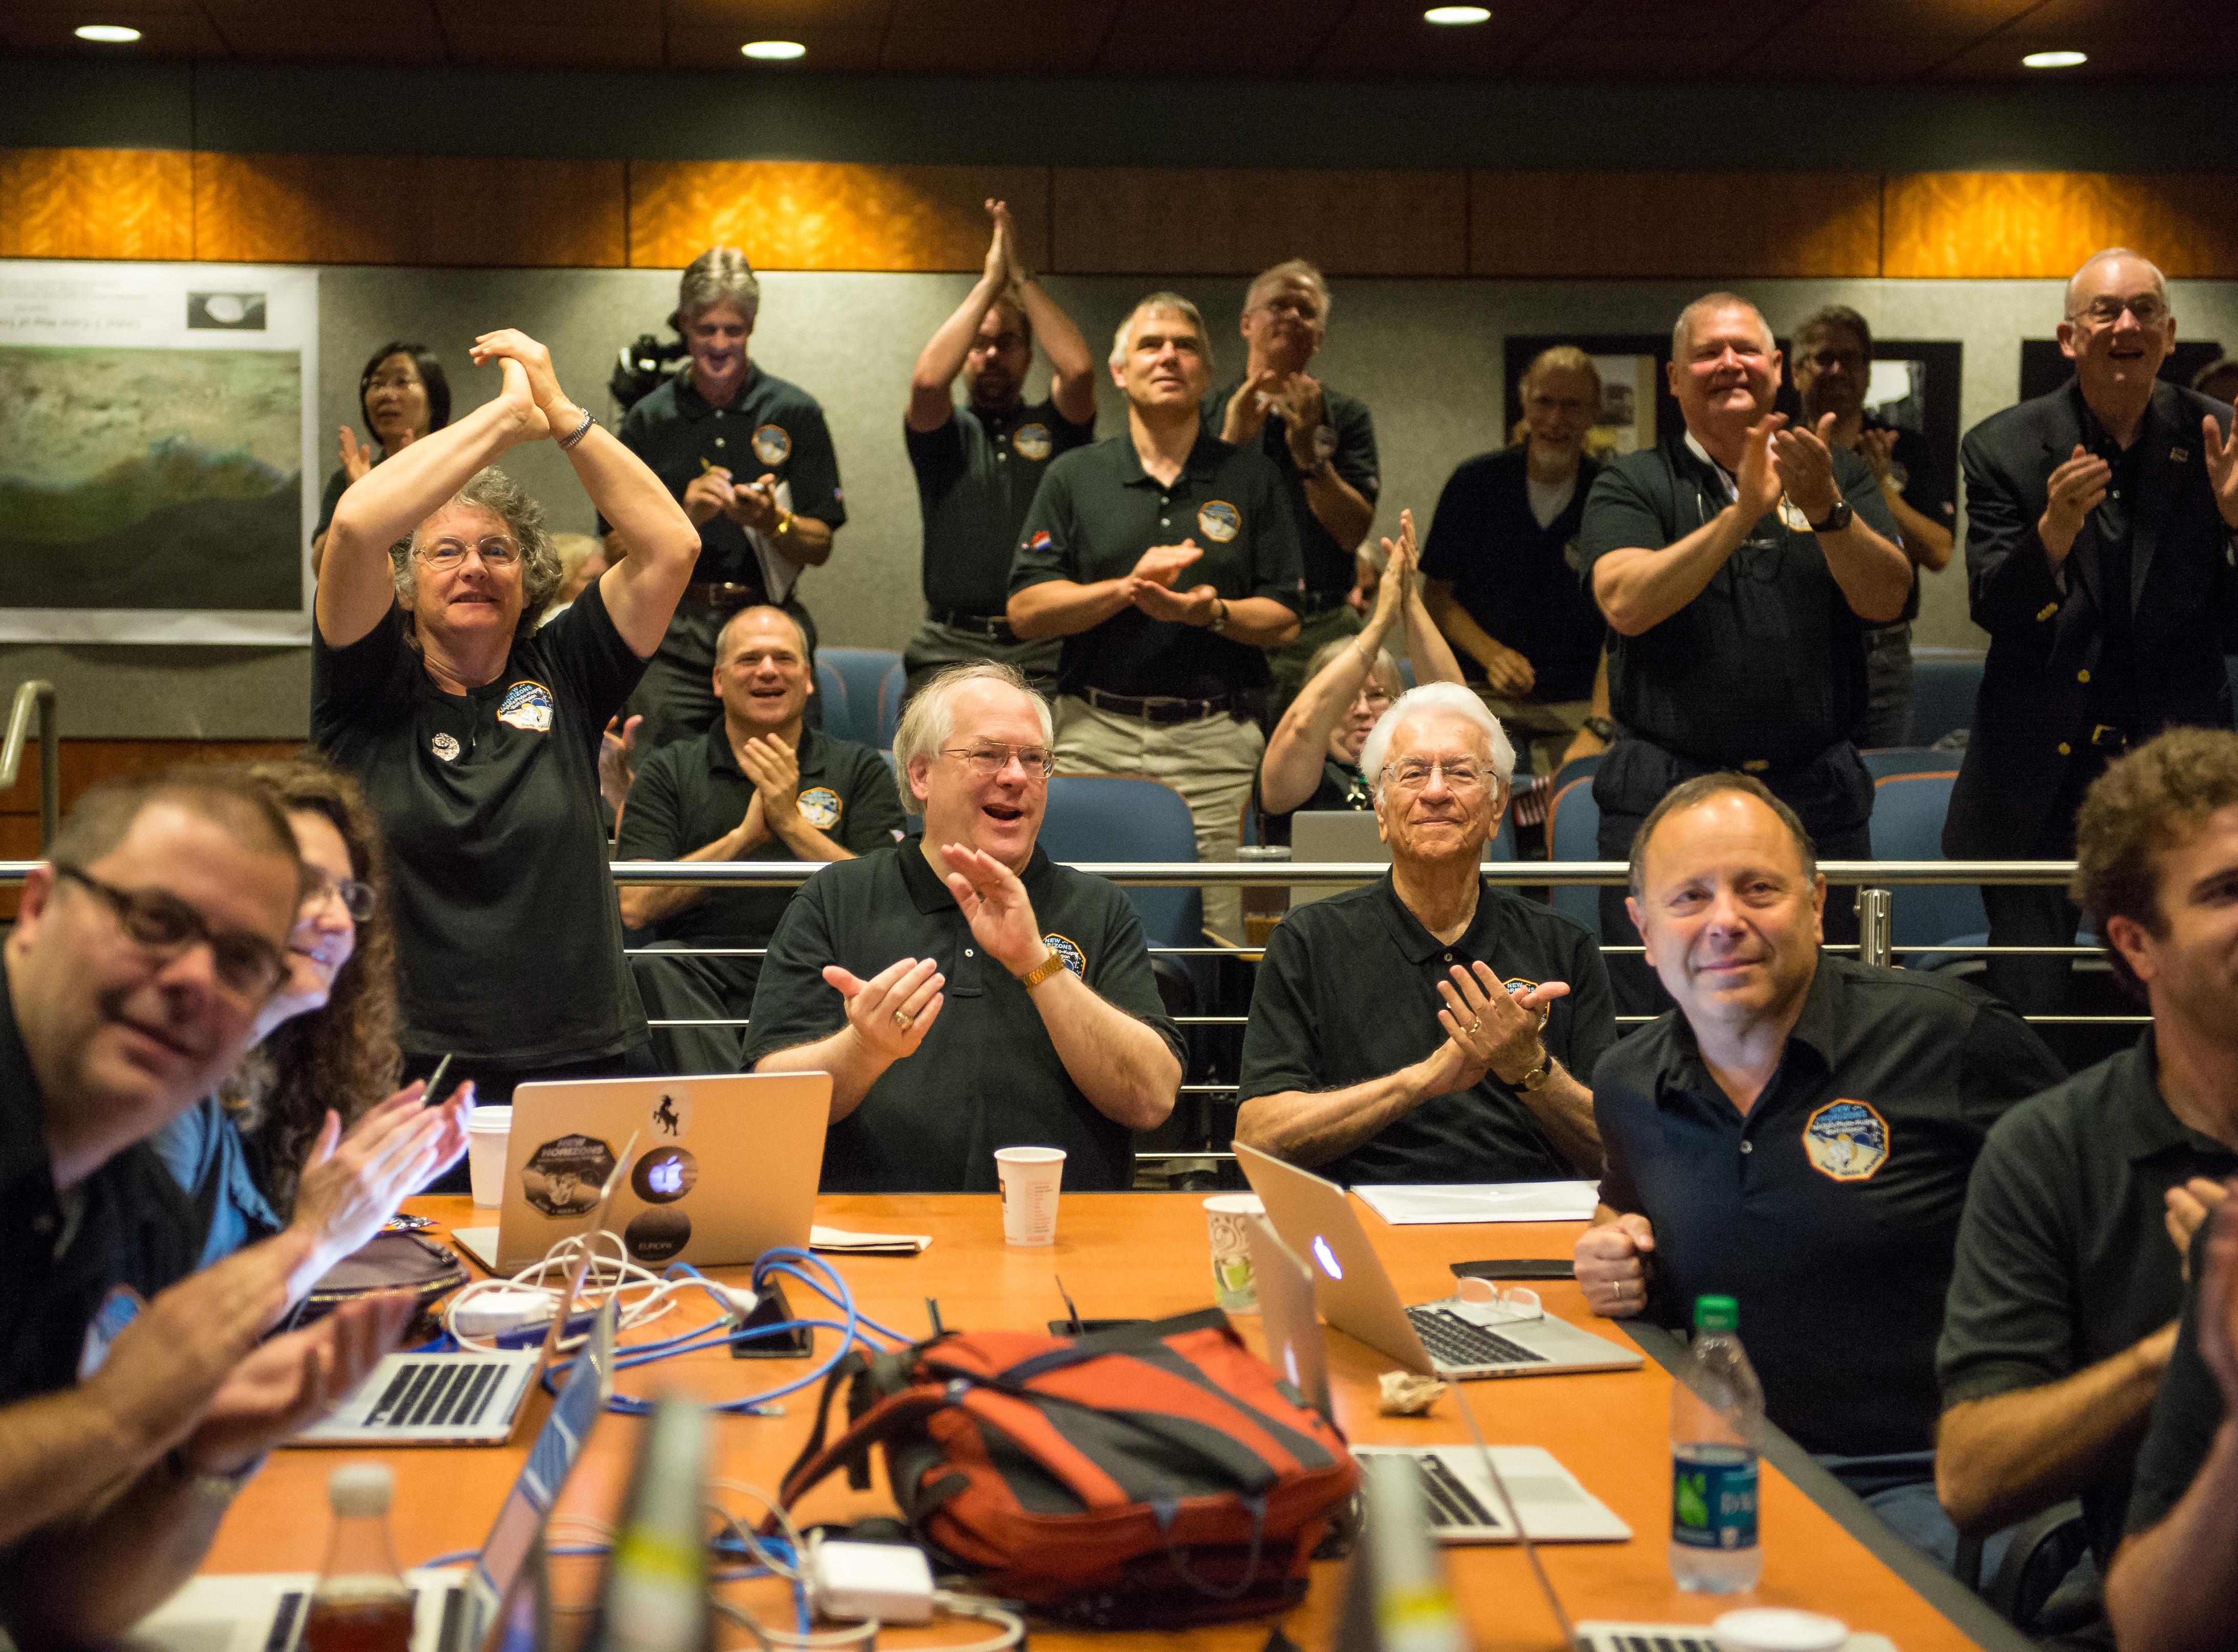 أعضاء فريق نيو هورايزنز يحتفلون بآخر الصور المرسلة من المركبة الفضائية